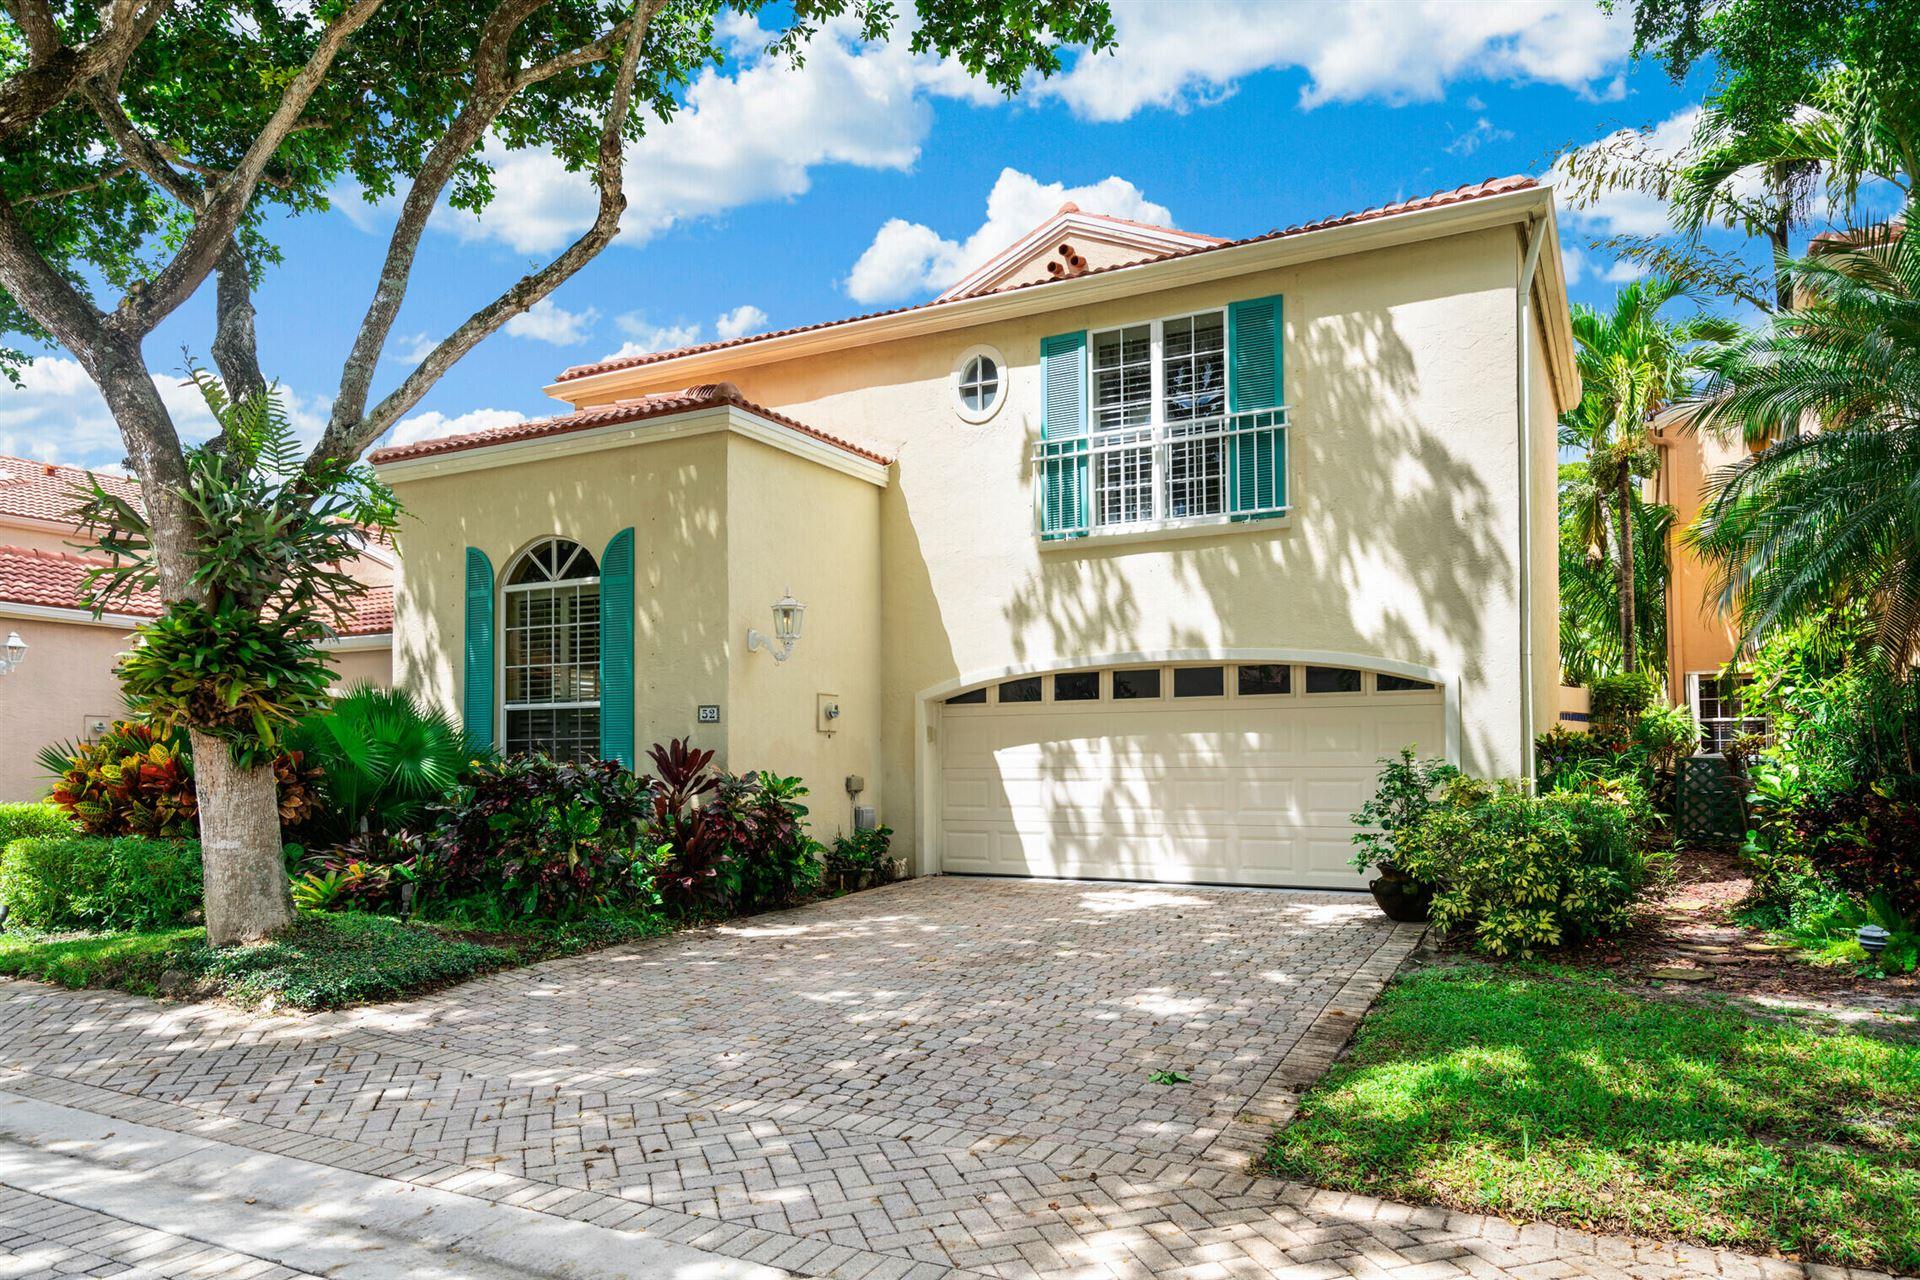 Photo of 52 Via Verona, Palm Beach Gardens, FL 33418 (MLS # RX-10747958)